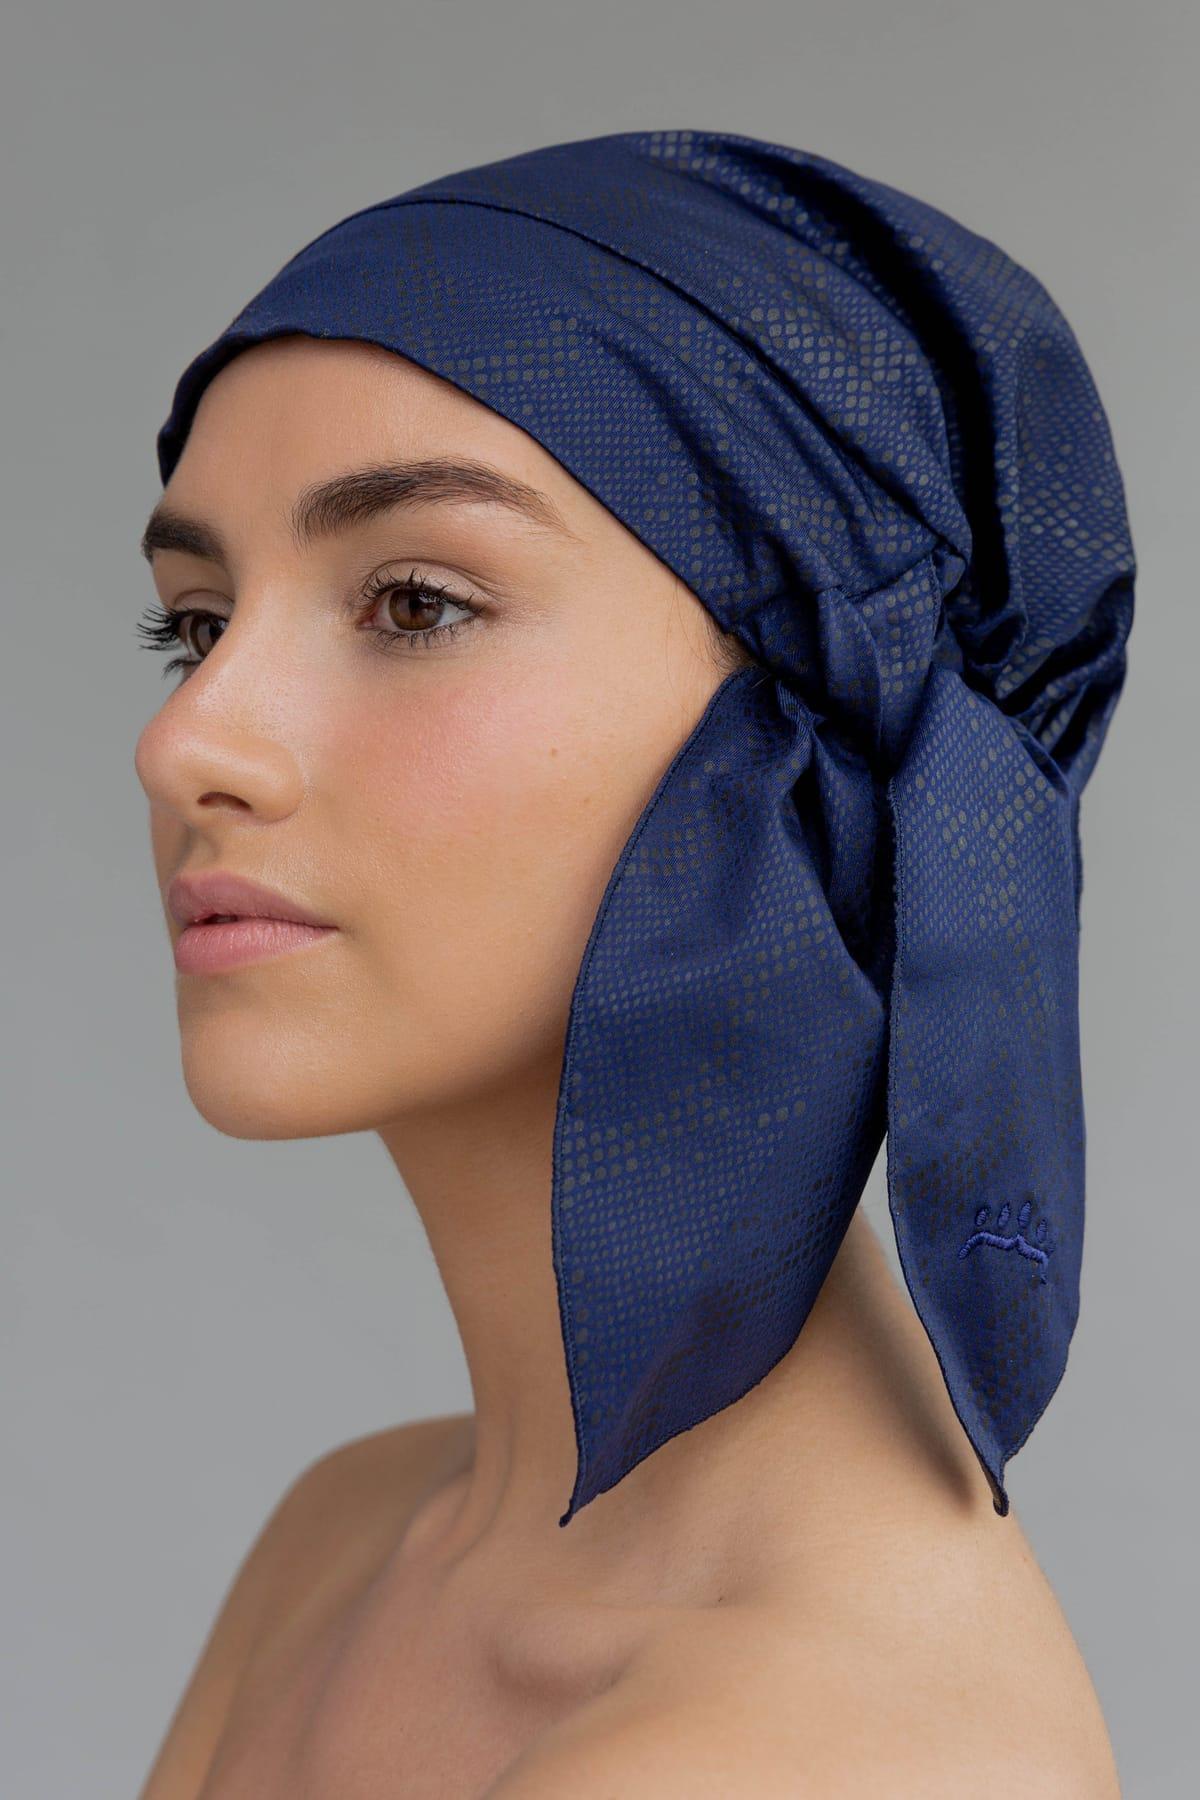 Shower cap elegante y sostenible en color azul marino. Complemento de moda